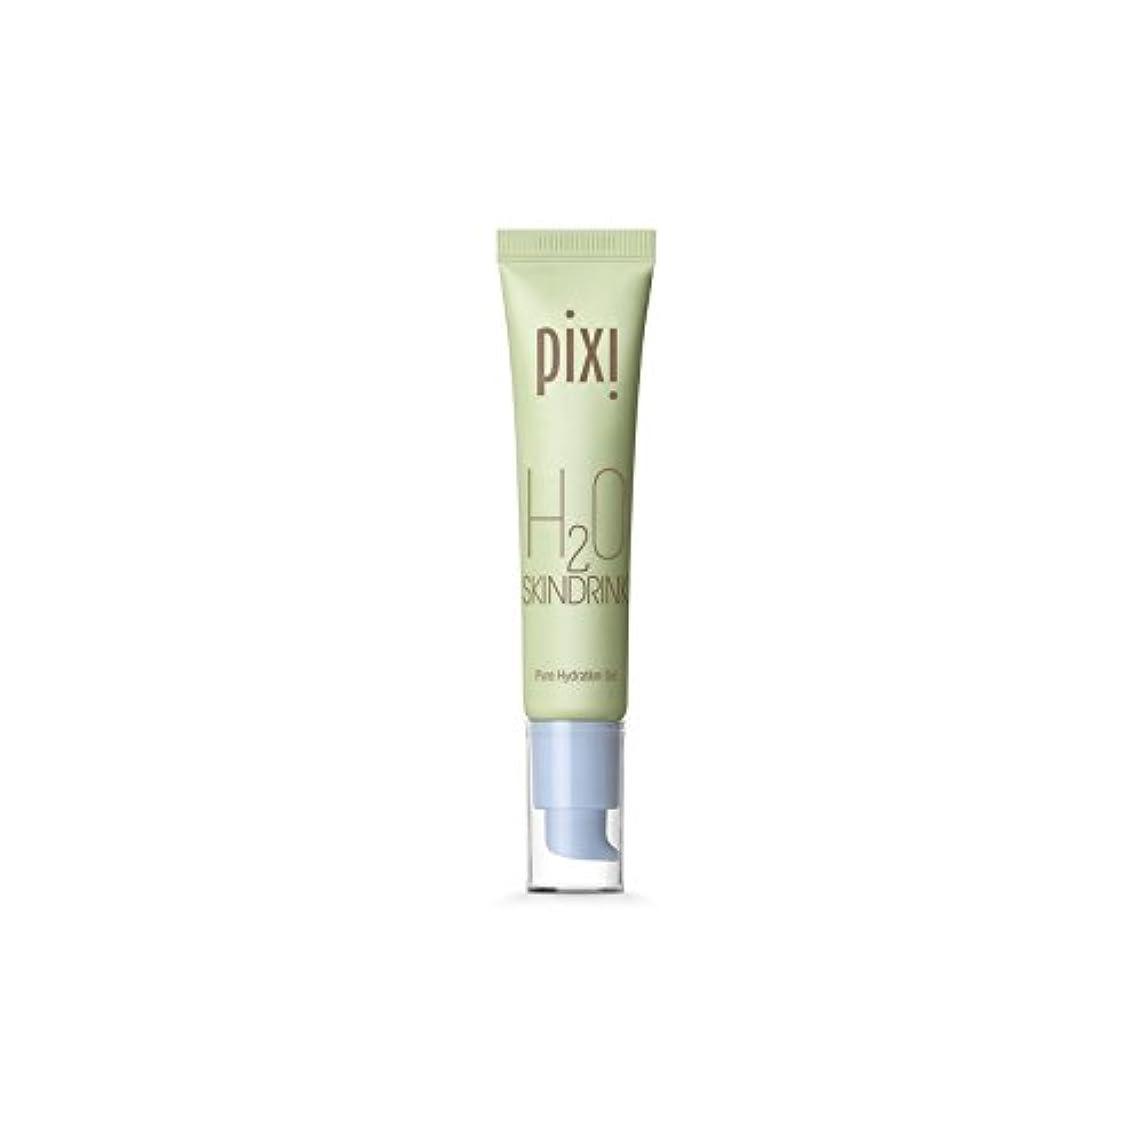 疎外する火山学発動機Pixi H20 Skin Drink (Pack of 6) - 20スキンドリンク x6 [並行輸入品]